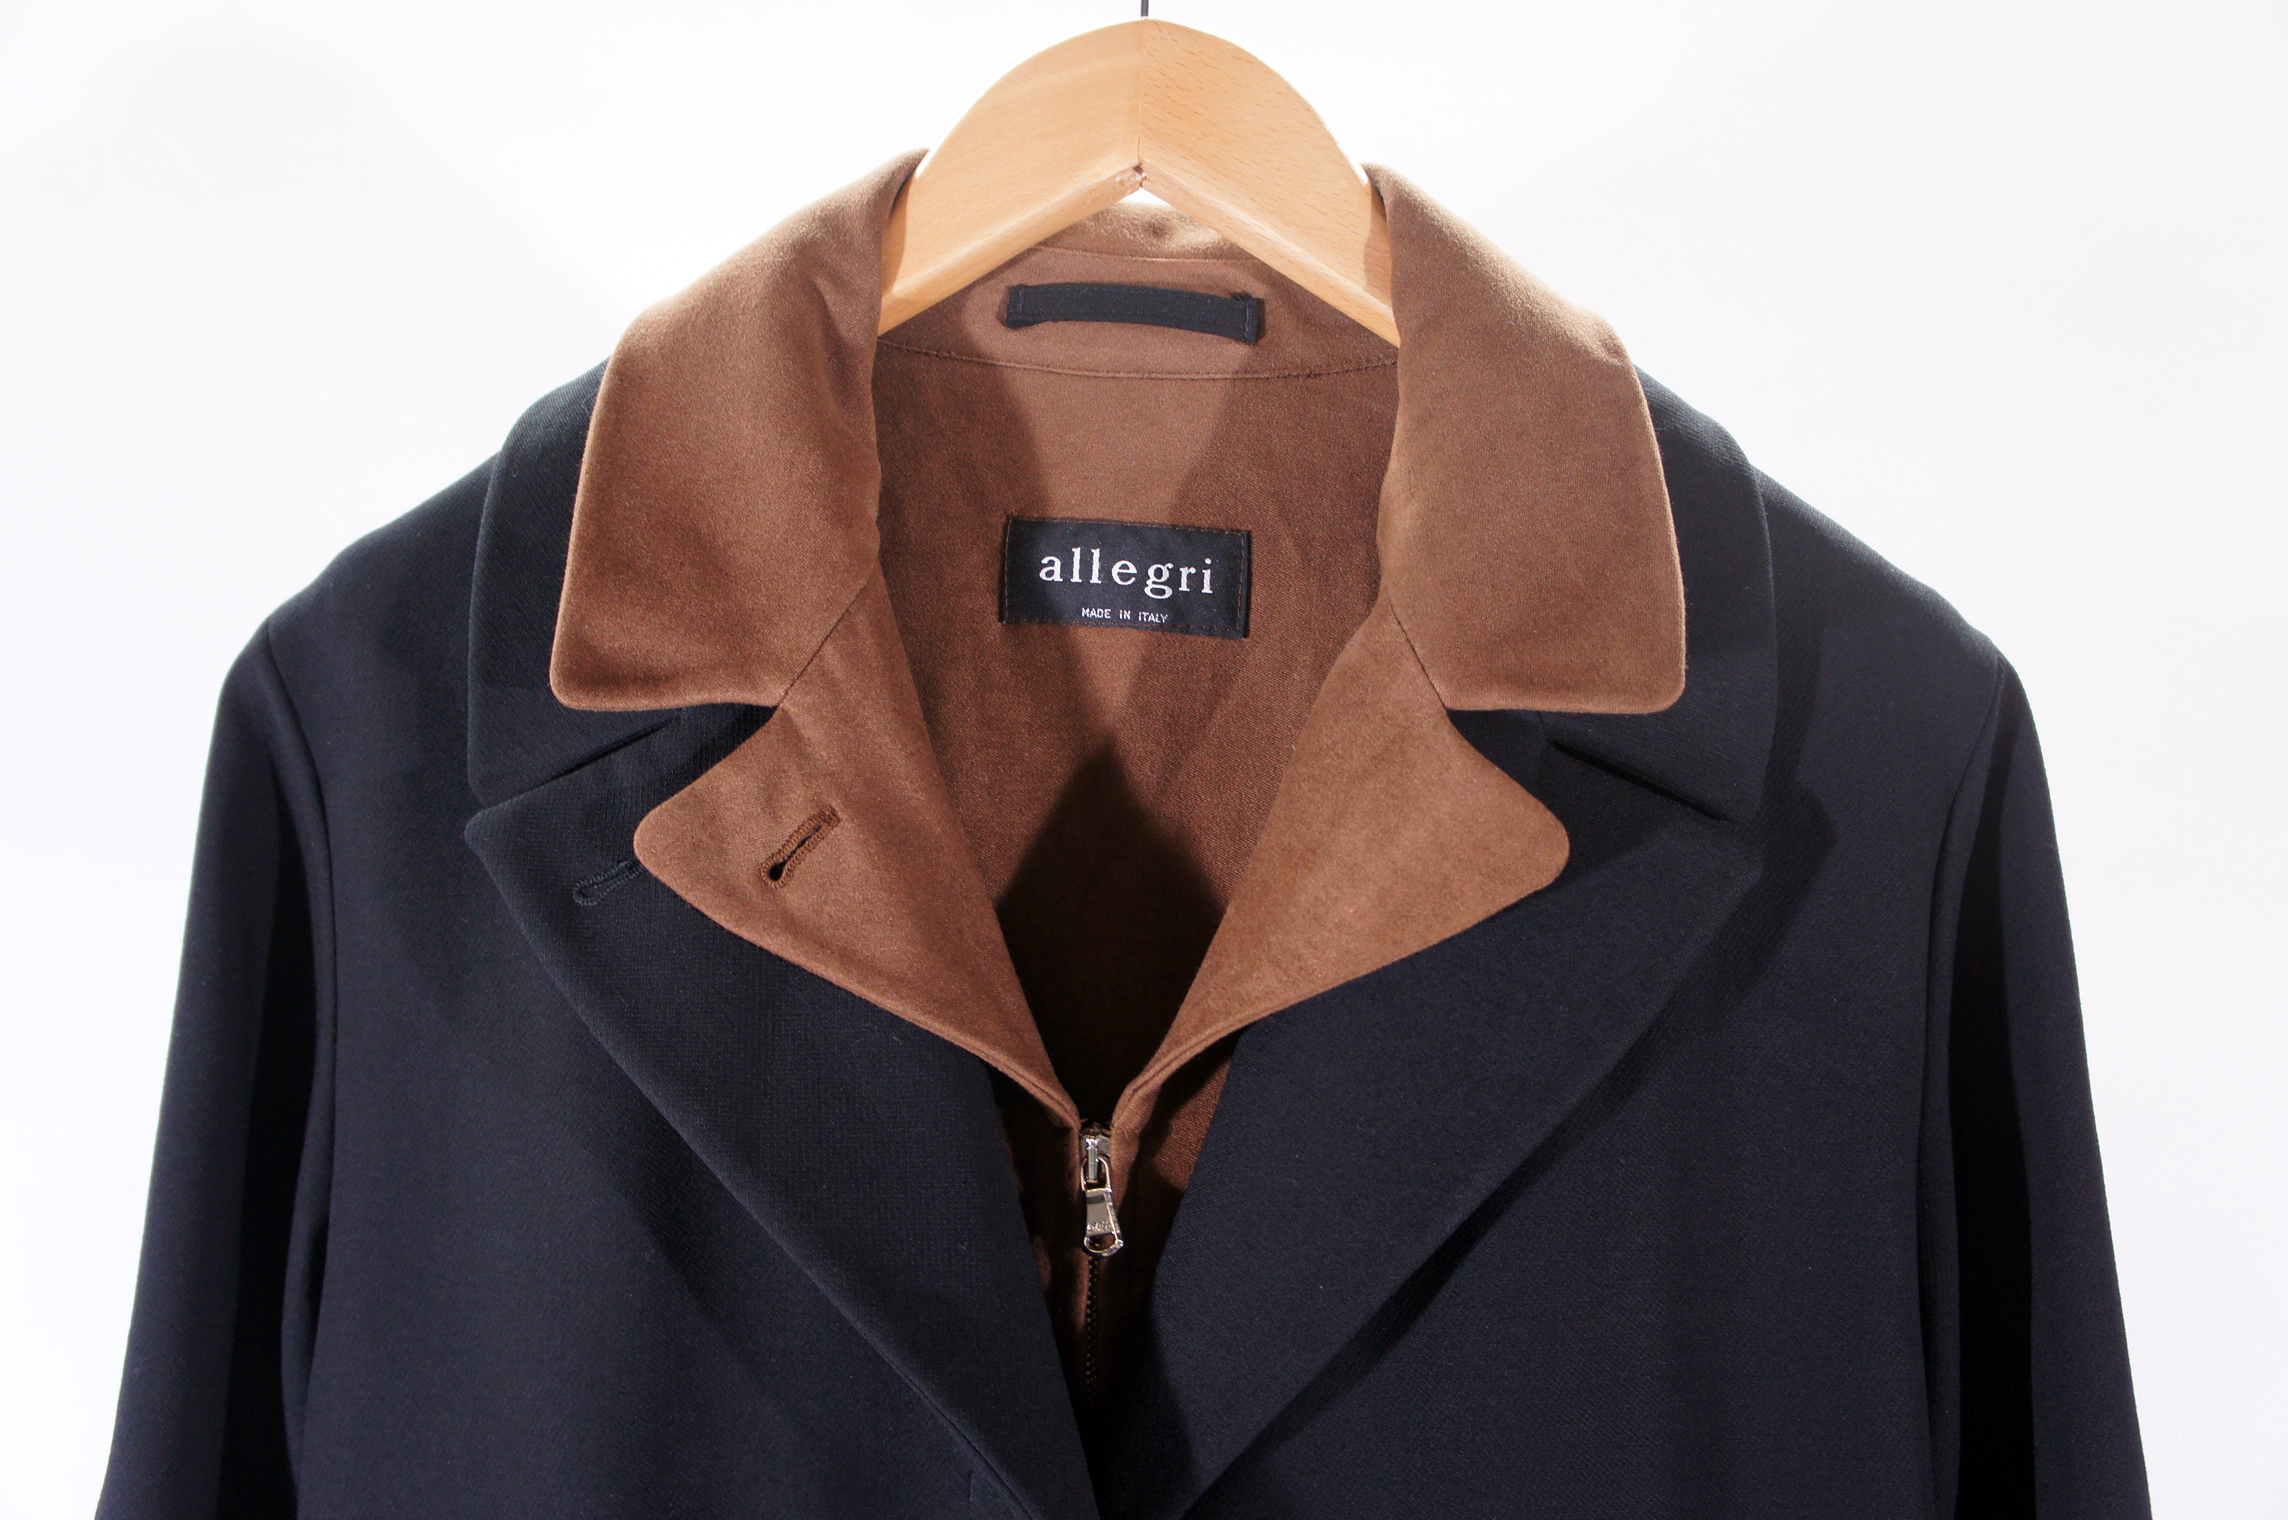 Details zu Allegri Damenmantel schwarz braun Mantel Gr. 38 Made in Italy